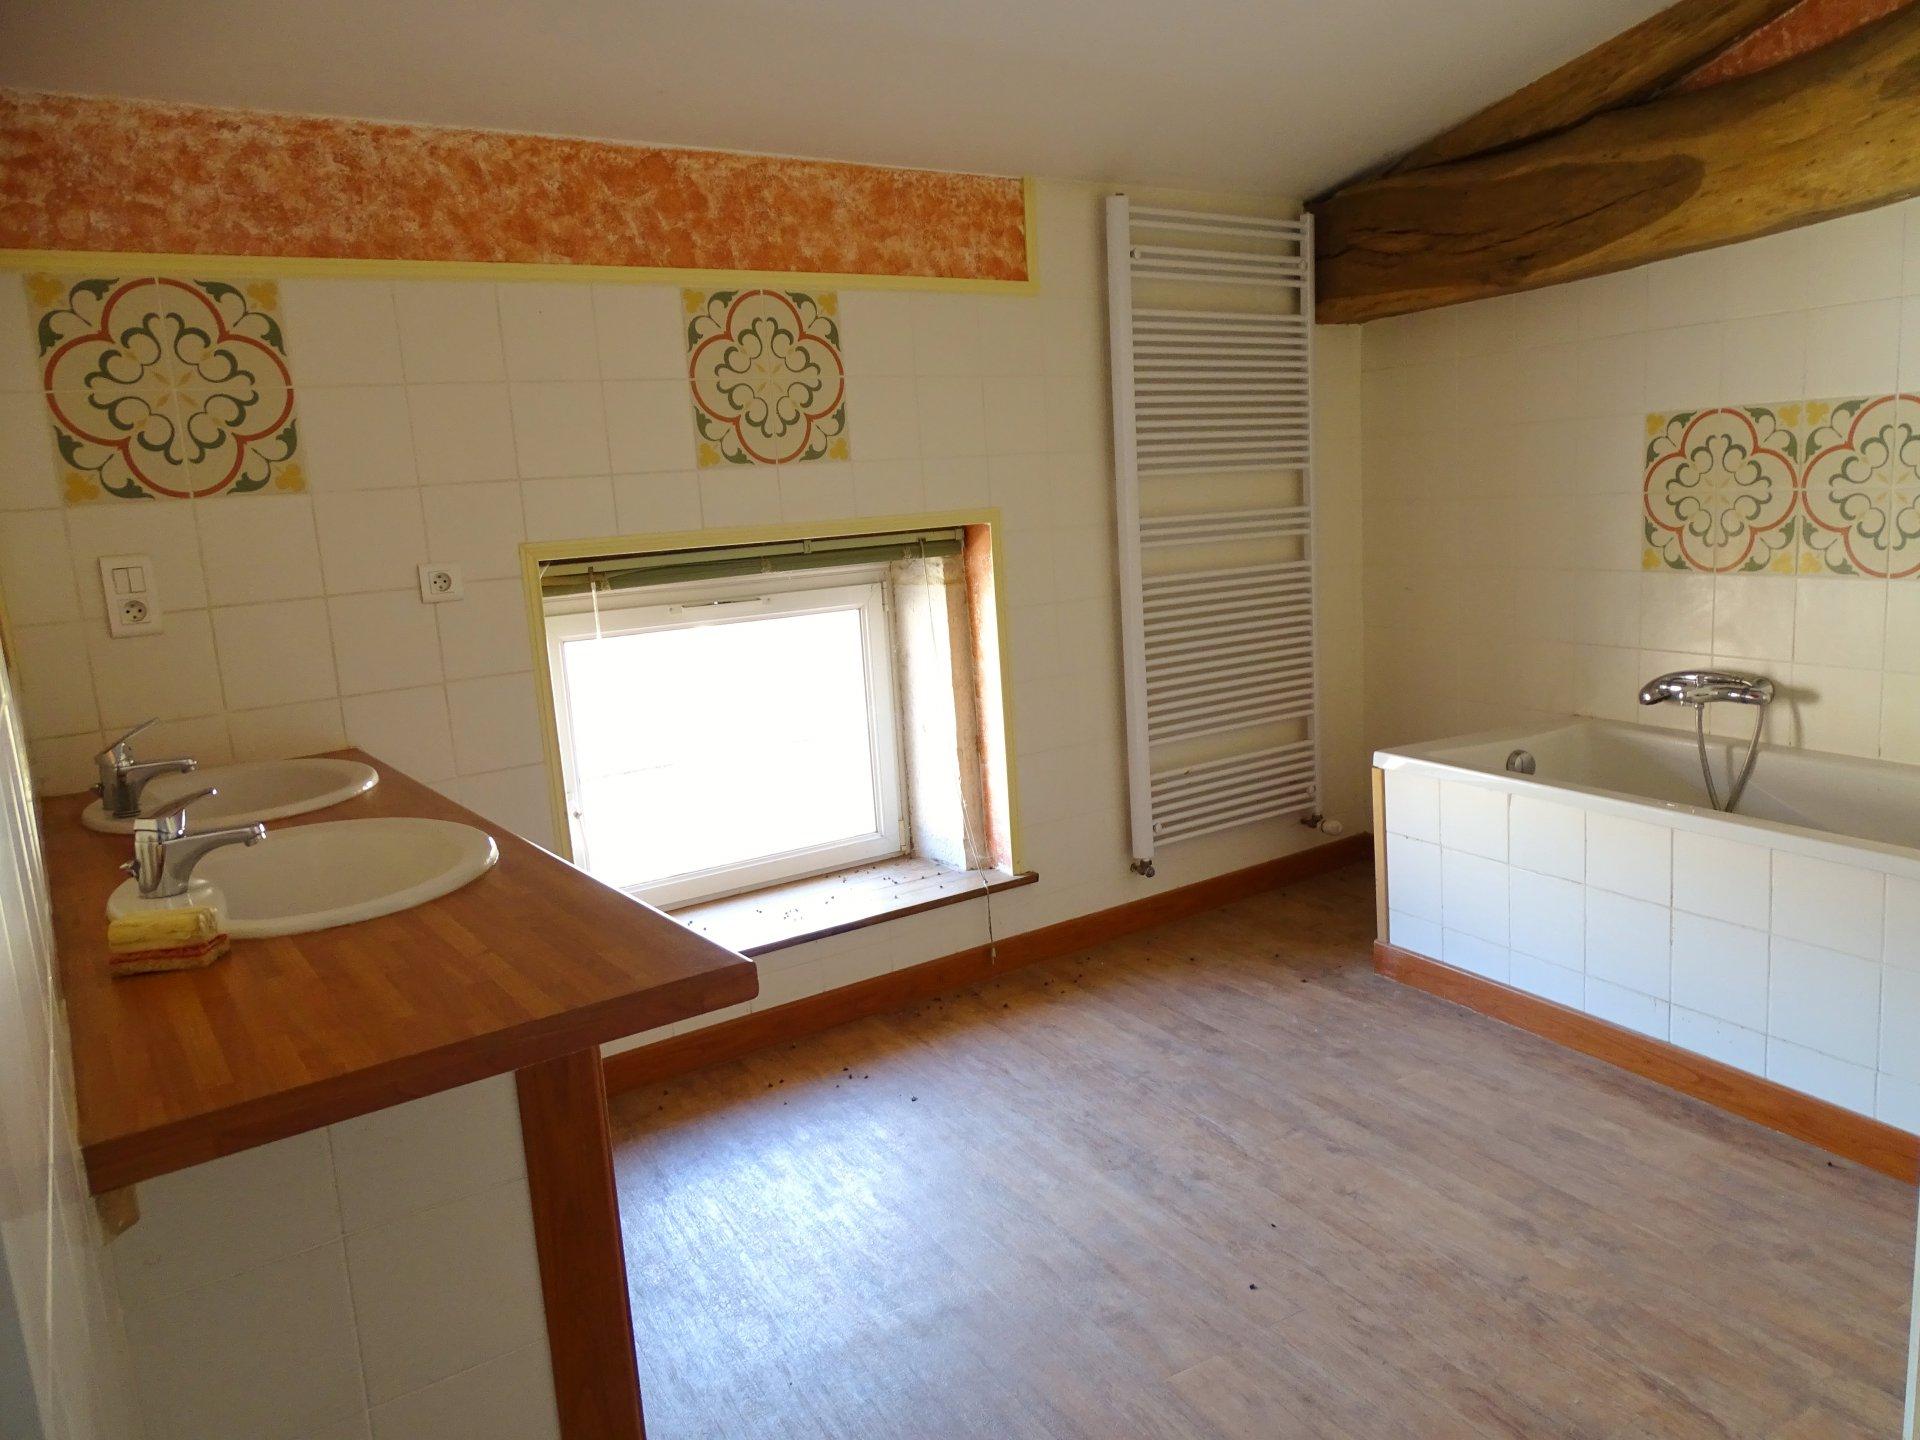 SECTEUR LUGNY : Vous recherchez une maison en pierre avec un certain charme, sans trop de travaux, avec des volumes et des dépendances? Cette maison est faite pour vous. D'une surface habitable de 140 m² elle offre une agréable pièce de vie avec un mur en pierre, un bureau et un salon. A l'étage vous découvrirez 3 chambres, un dégagement et une salle de bains avec baignoire plus une douche en attente. Dépendances sur deux niveaux de 43 m² plus sous sol complet. Le tout sur un terrain approchant les 800 m², cette maison se situe au calme et attend ses futurs propriétaires. Honoraires à la charge des vendeurs.